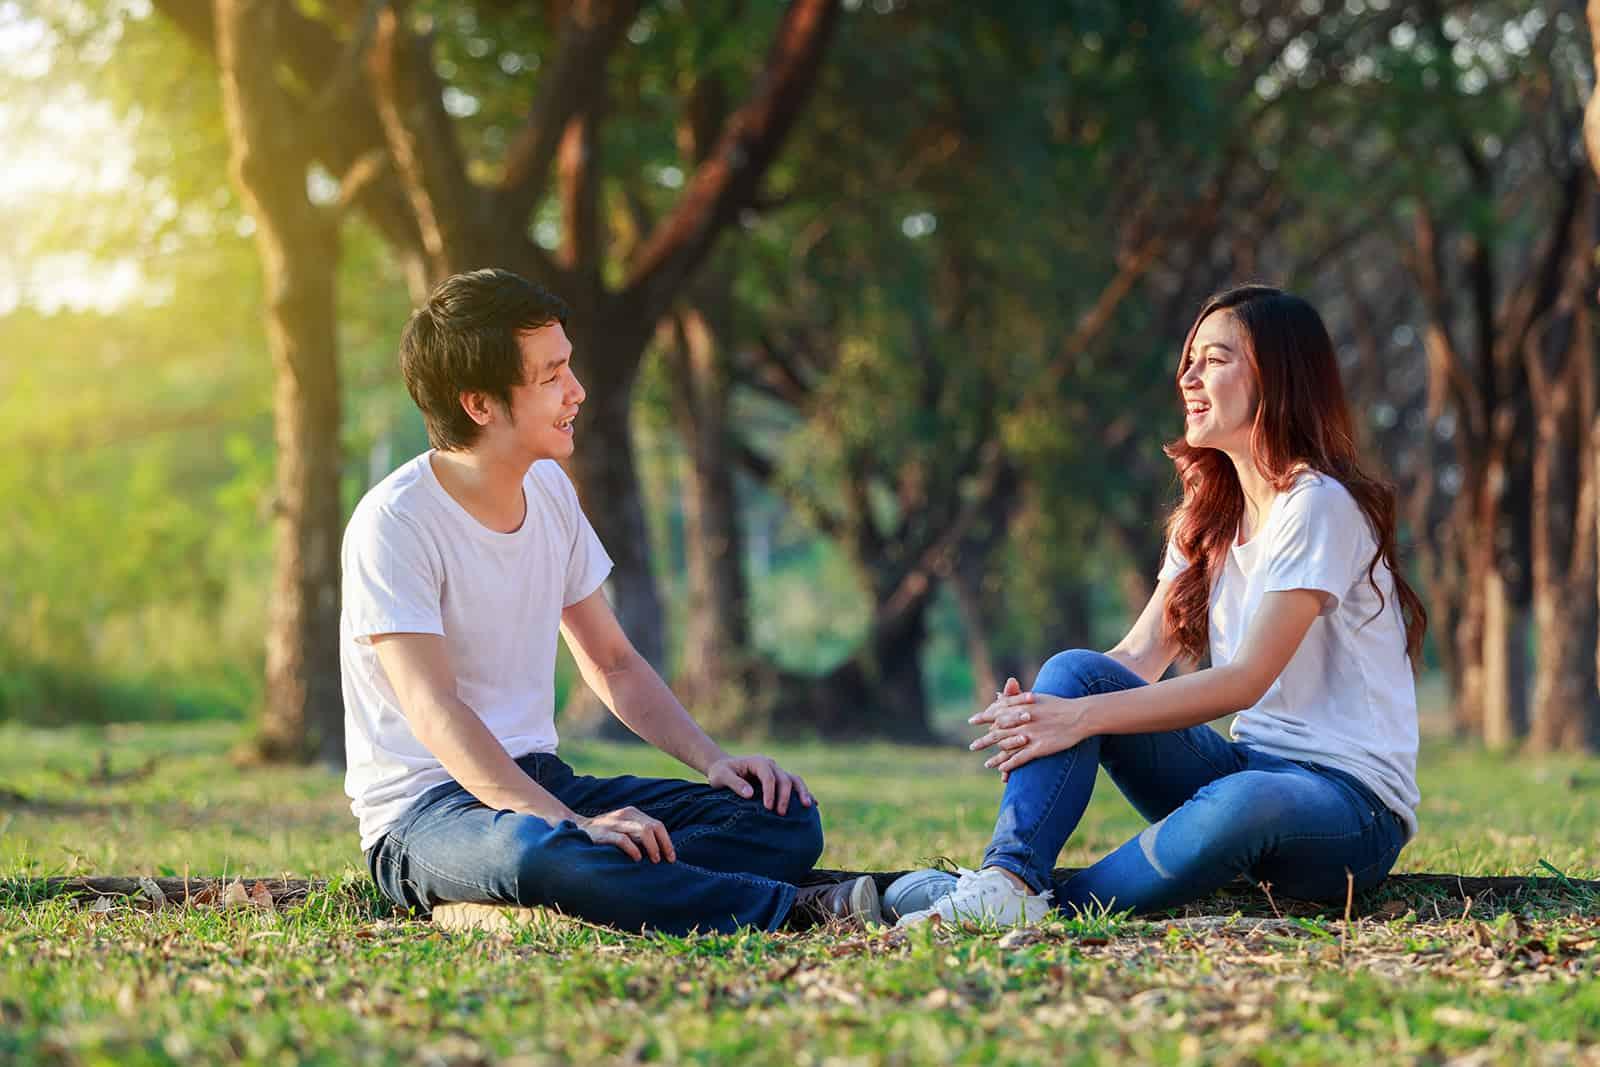 Ein Mann und eine Frau sitzen im Gras und reden